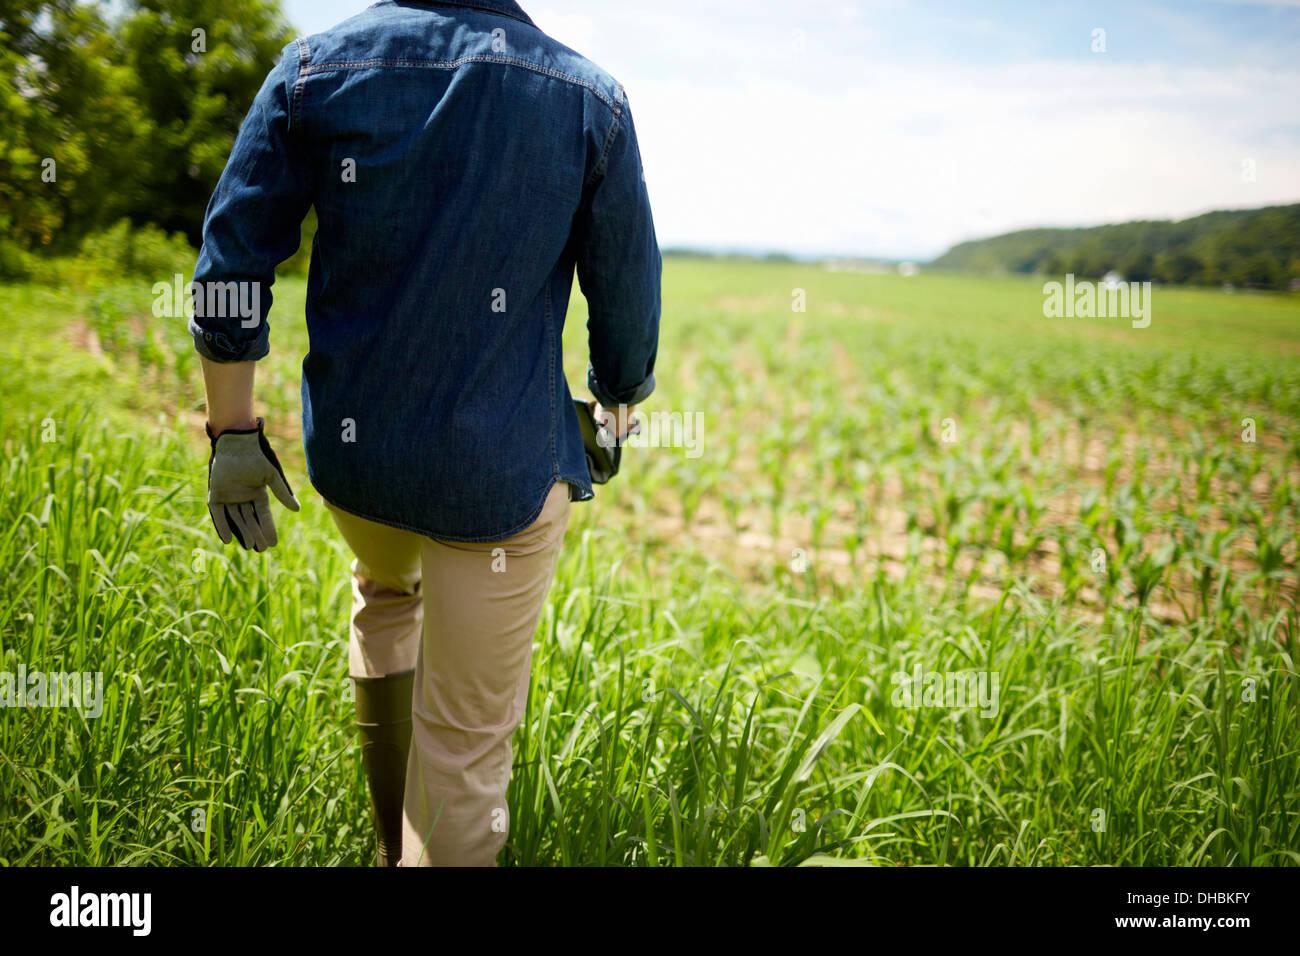 Un agriculteur travaillant dans ses champs, dans l'État de New York, USA. Photo Stock